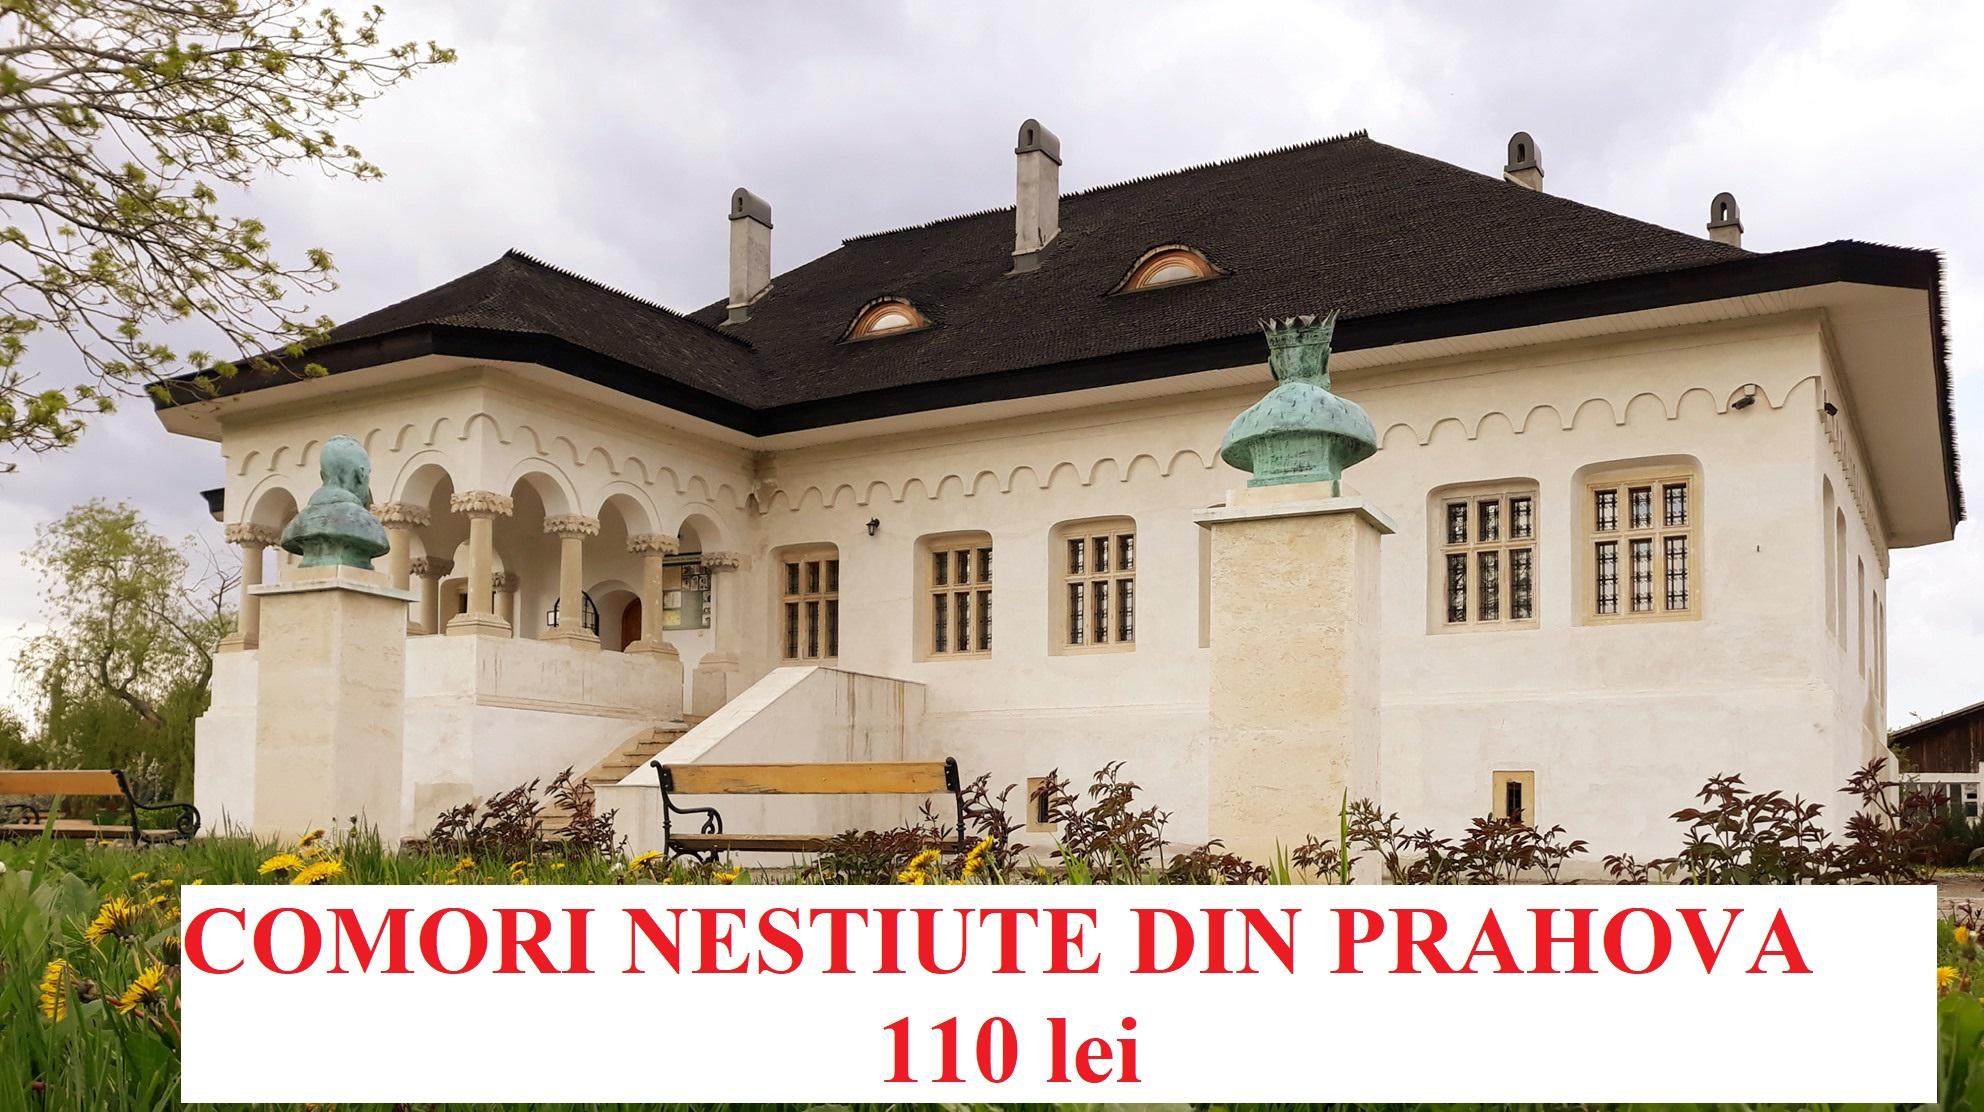 Comori nestiute din Prahova